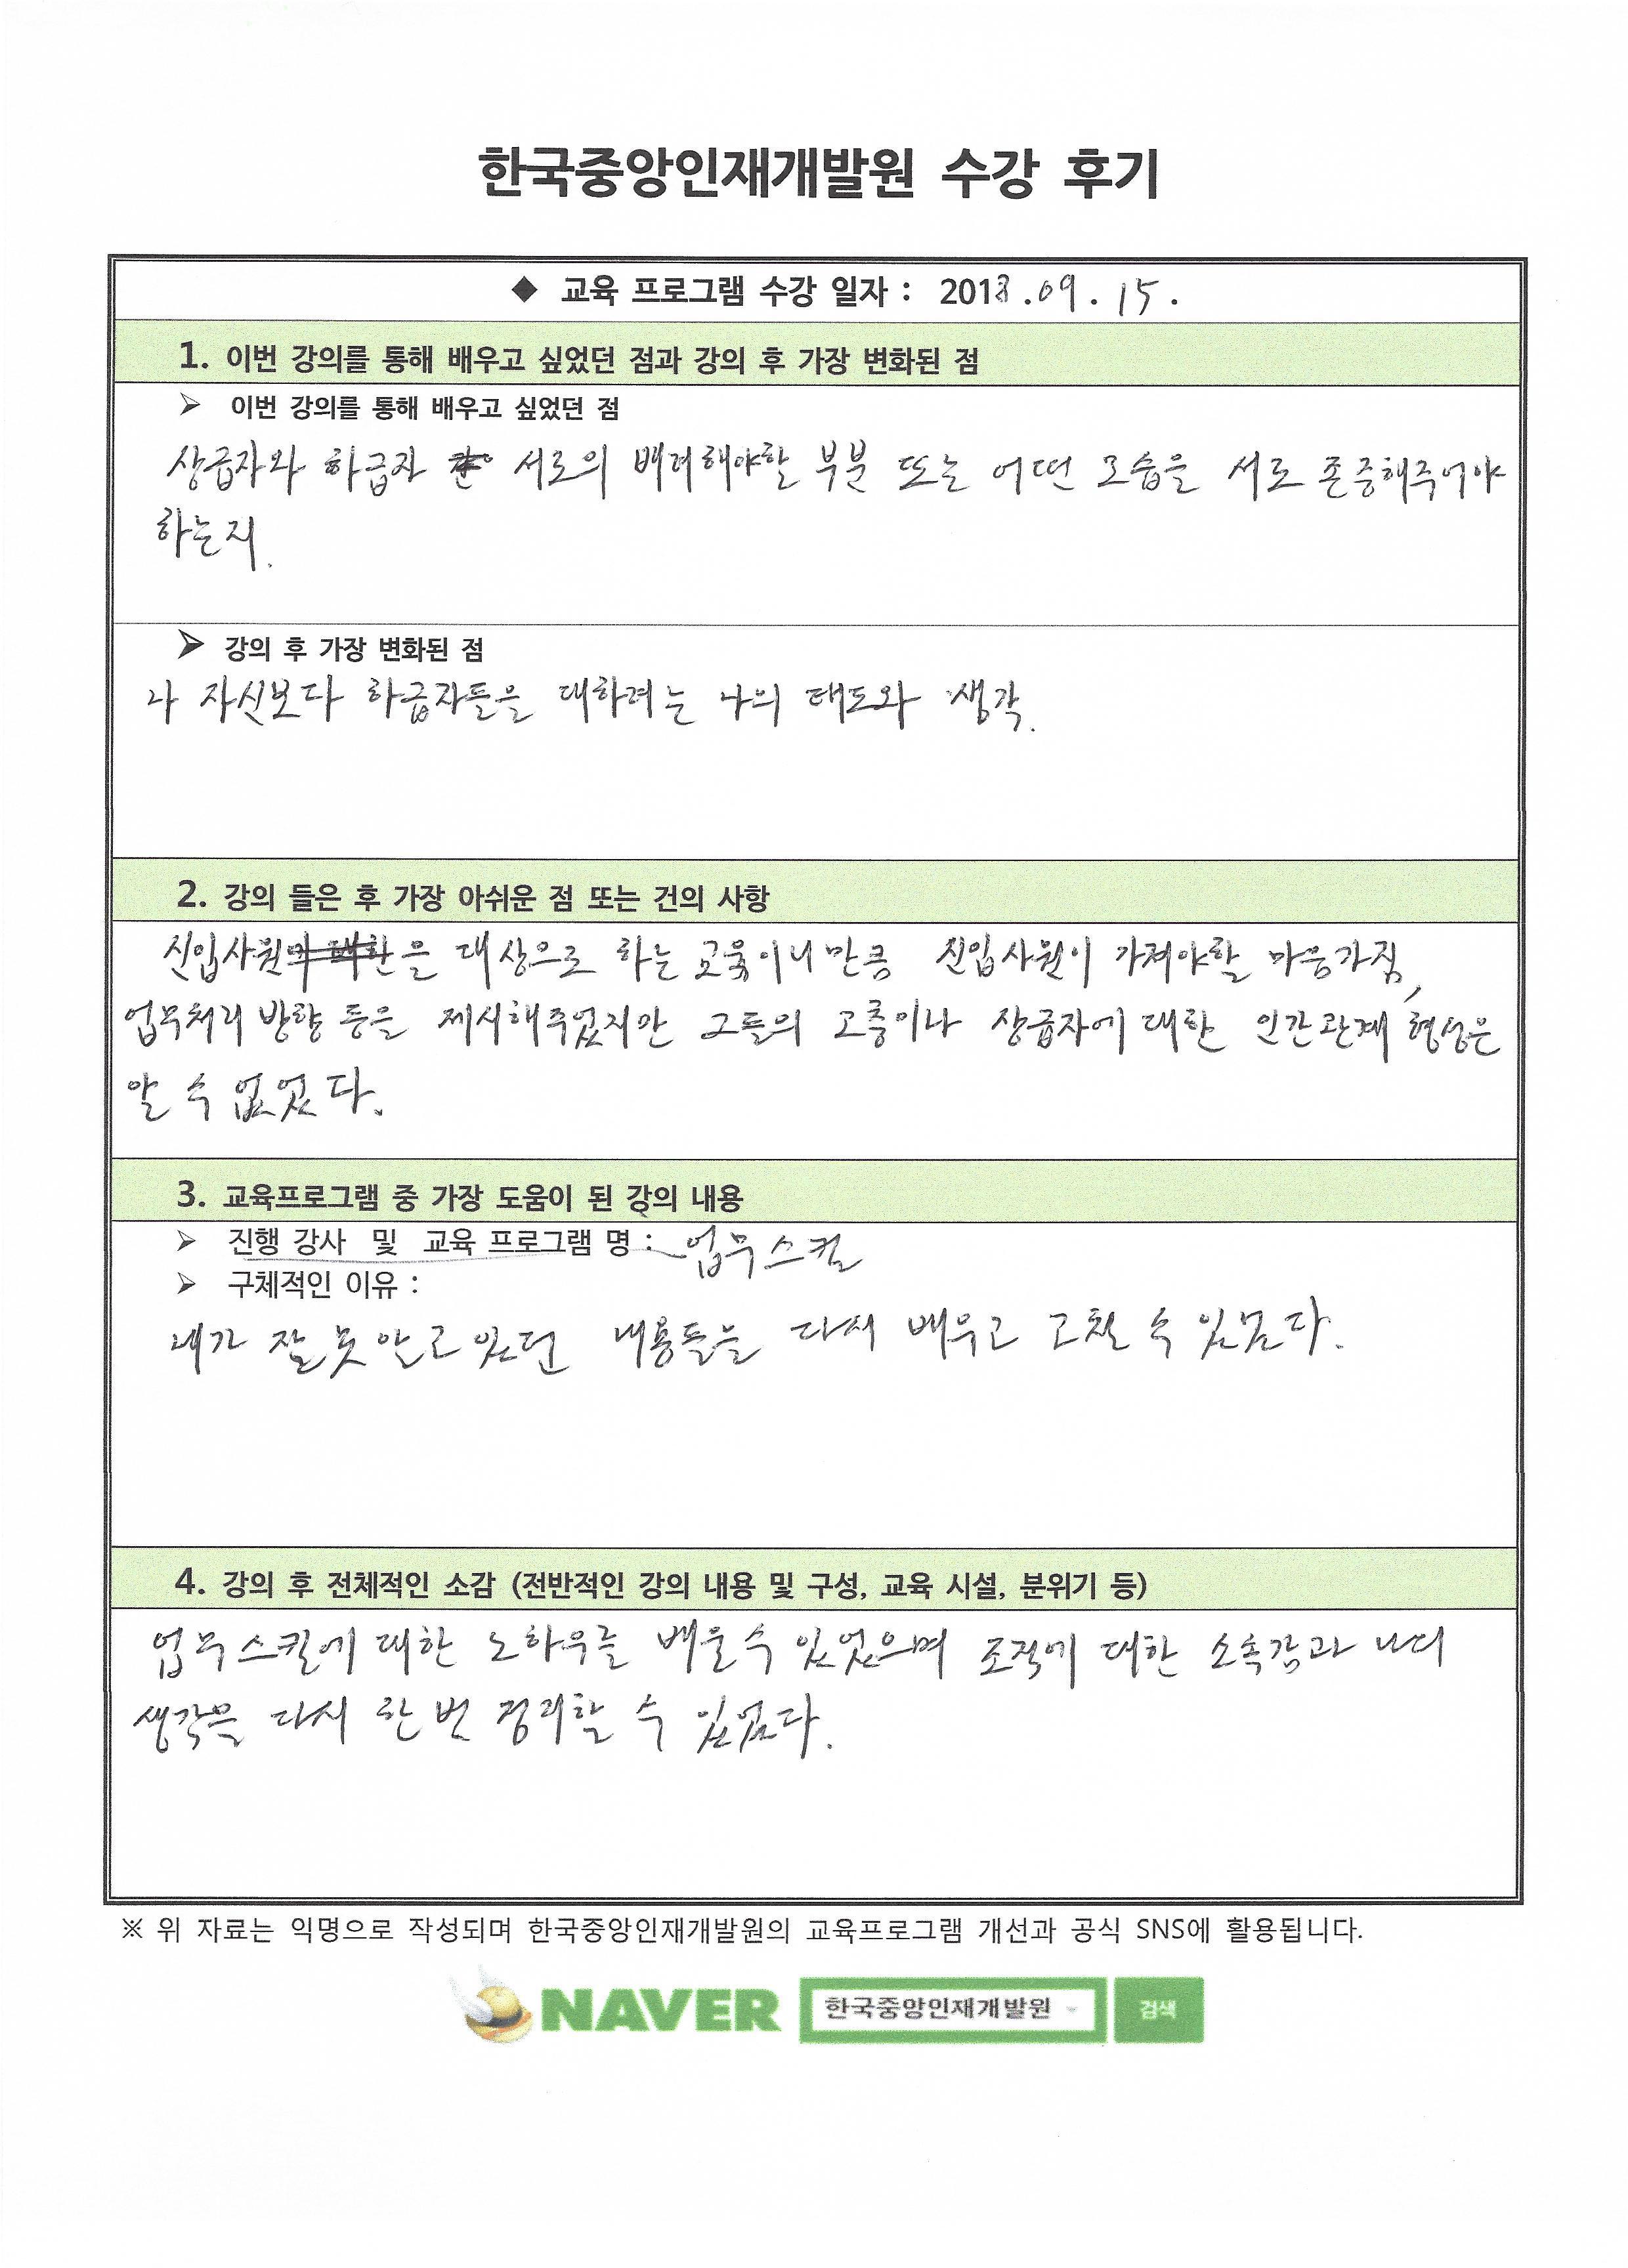 풍림푸드 후기-1 사본.jpg